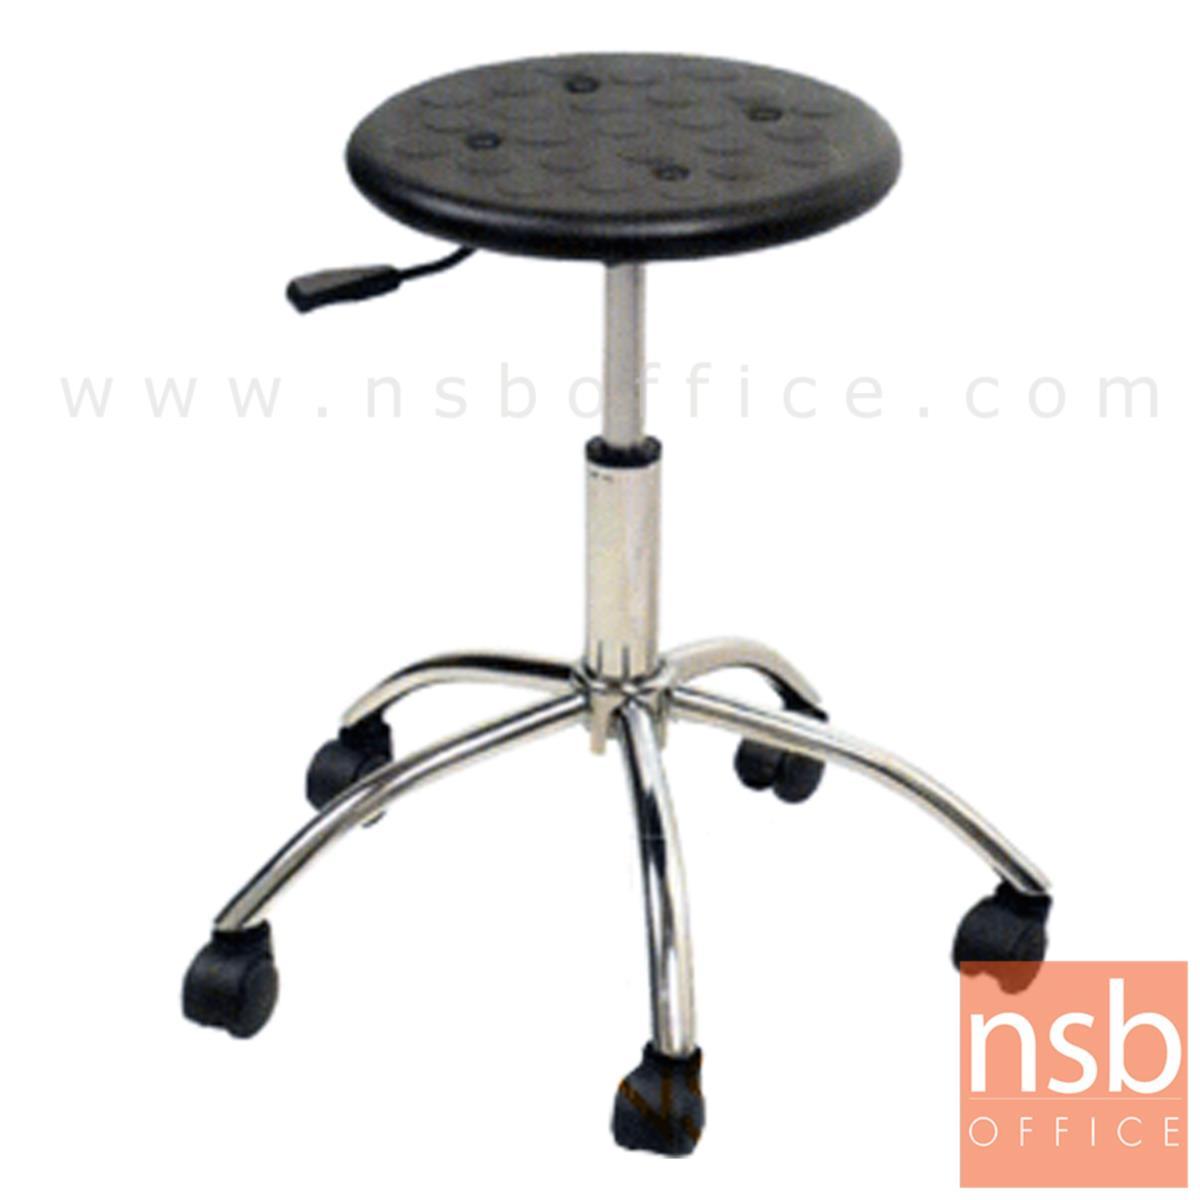 B09A082:เก้าอี้บาร์สตูลที่นั่งกลมล้อเลื่อน รุ่น Astin (แอสติน)  โช๊คแก๊ส ขาเหล็กชุบโครเมี่ยม